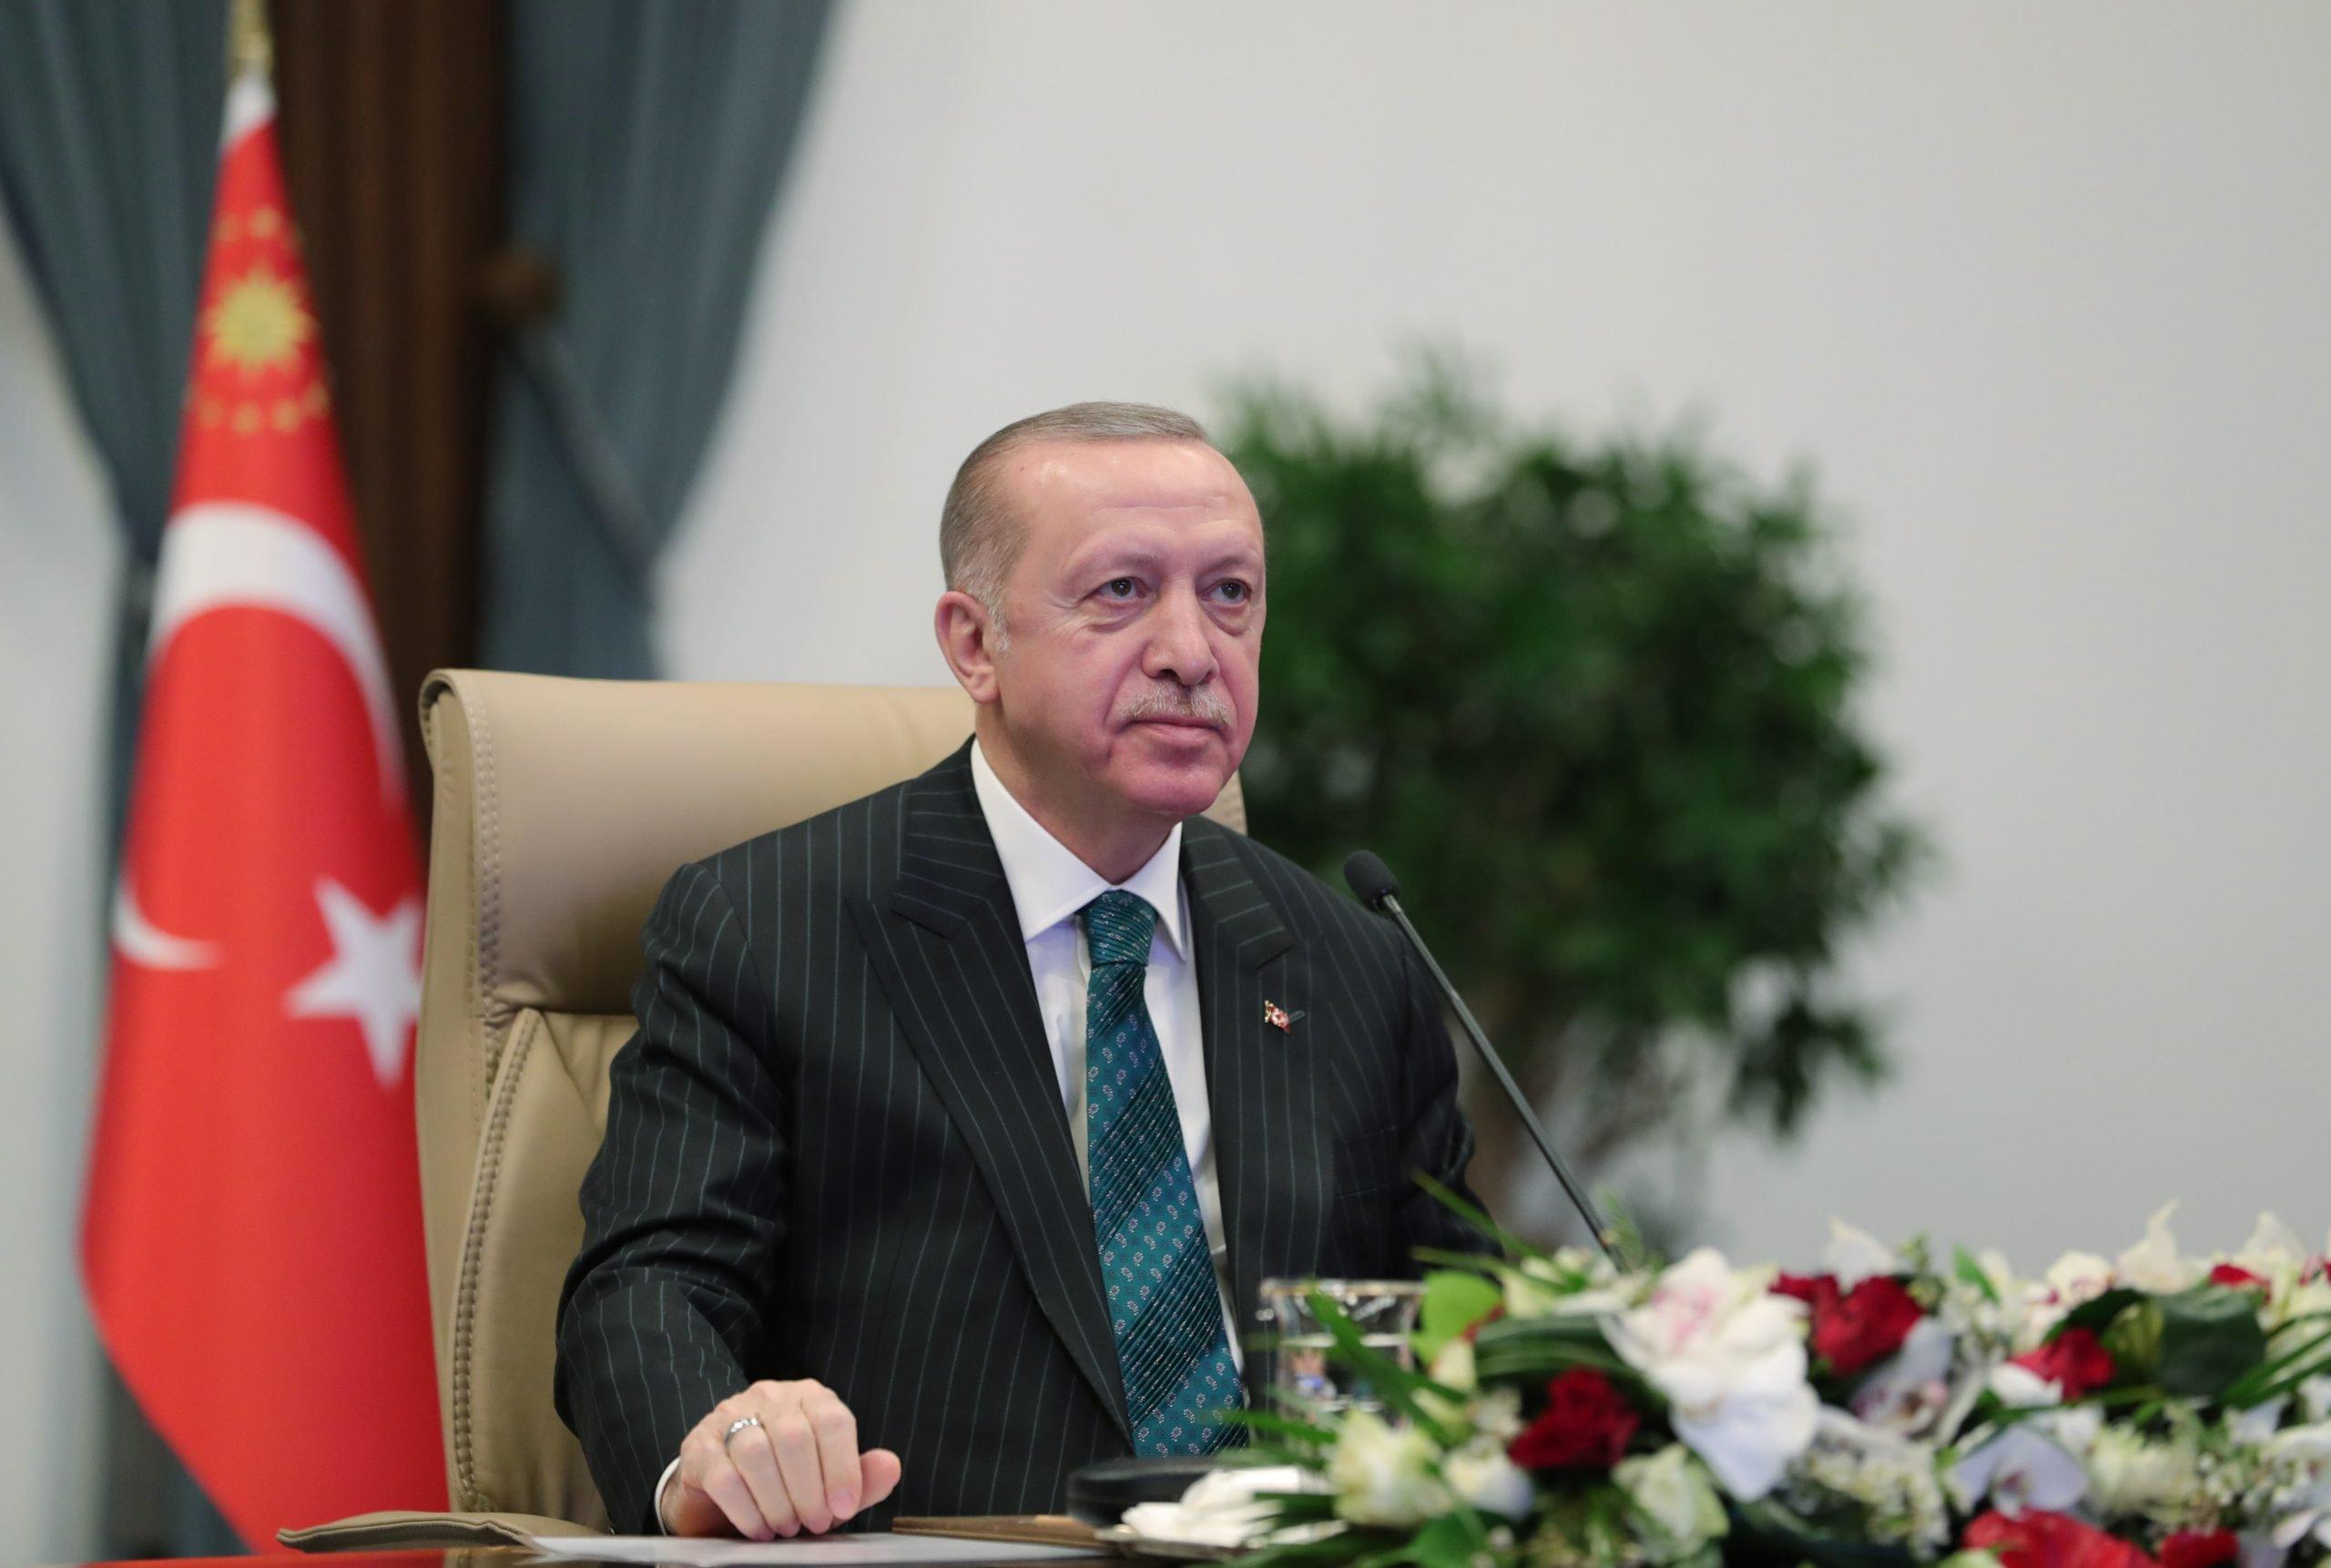 Άκρως προκλητικός ο Ερντογάν: Πριν από 100 χρόνια πετάξαμε τον εχθρό στη θάλασσα της Σμύρνης